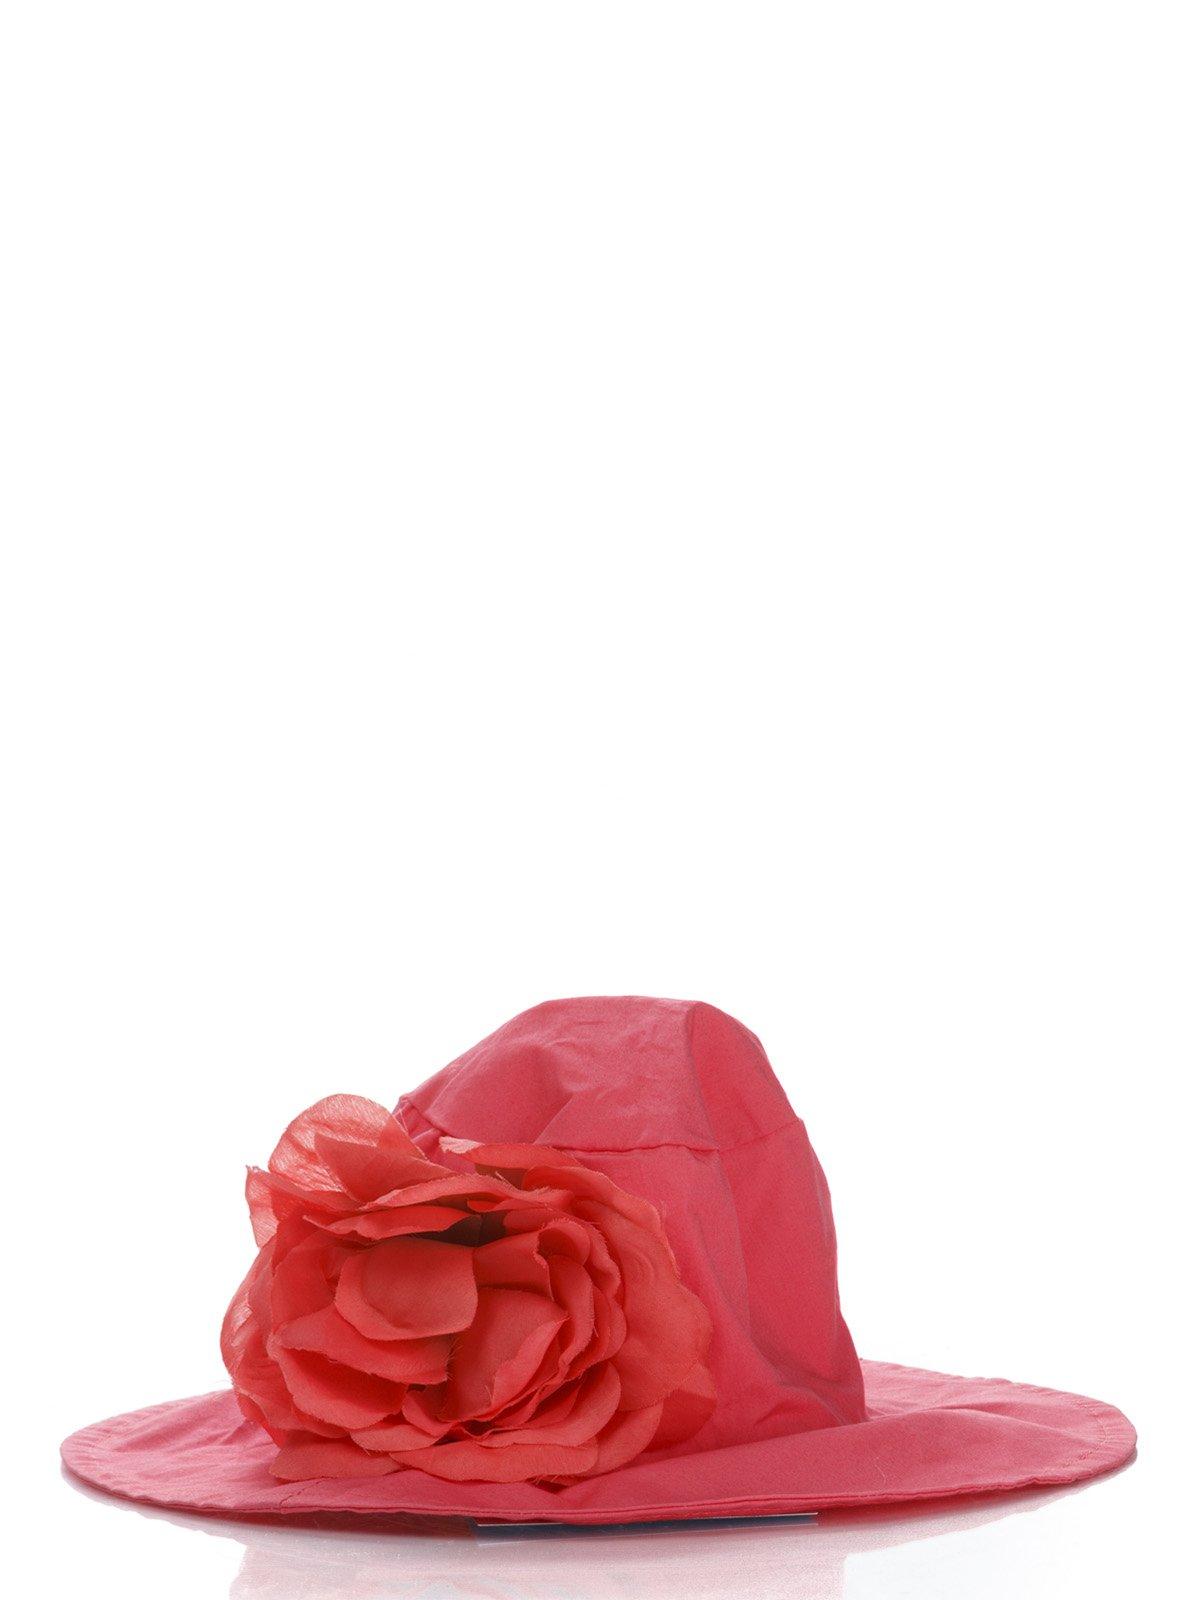 Панамка коралловая с цветком | 987142